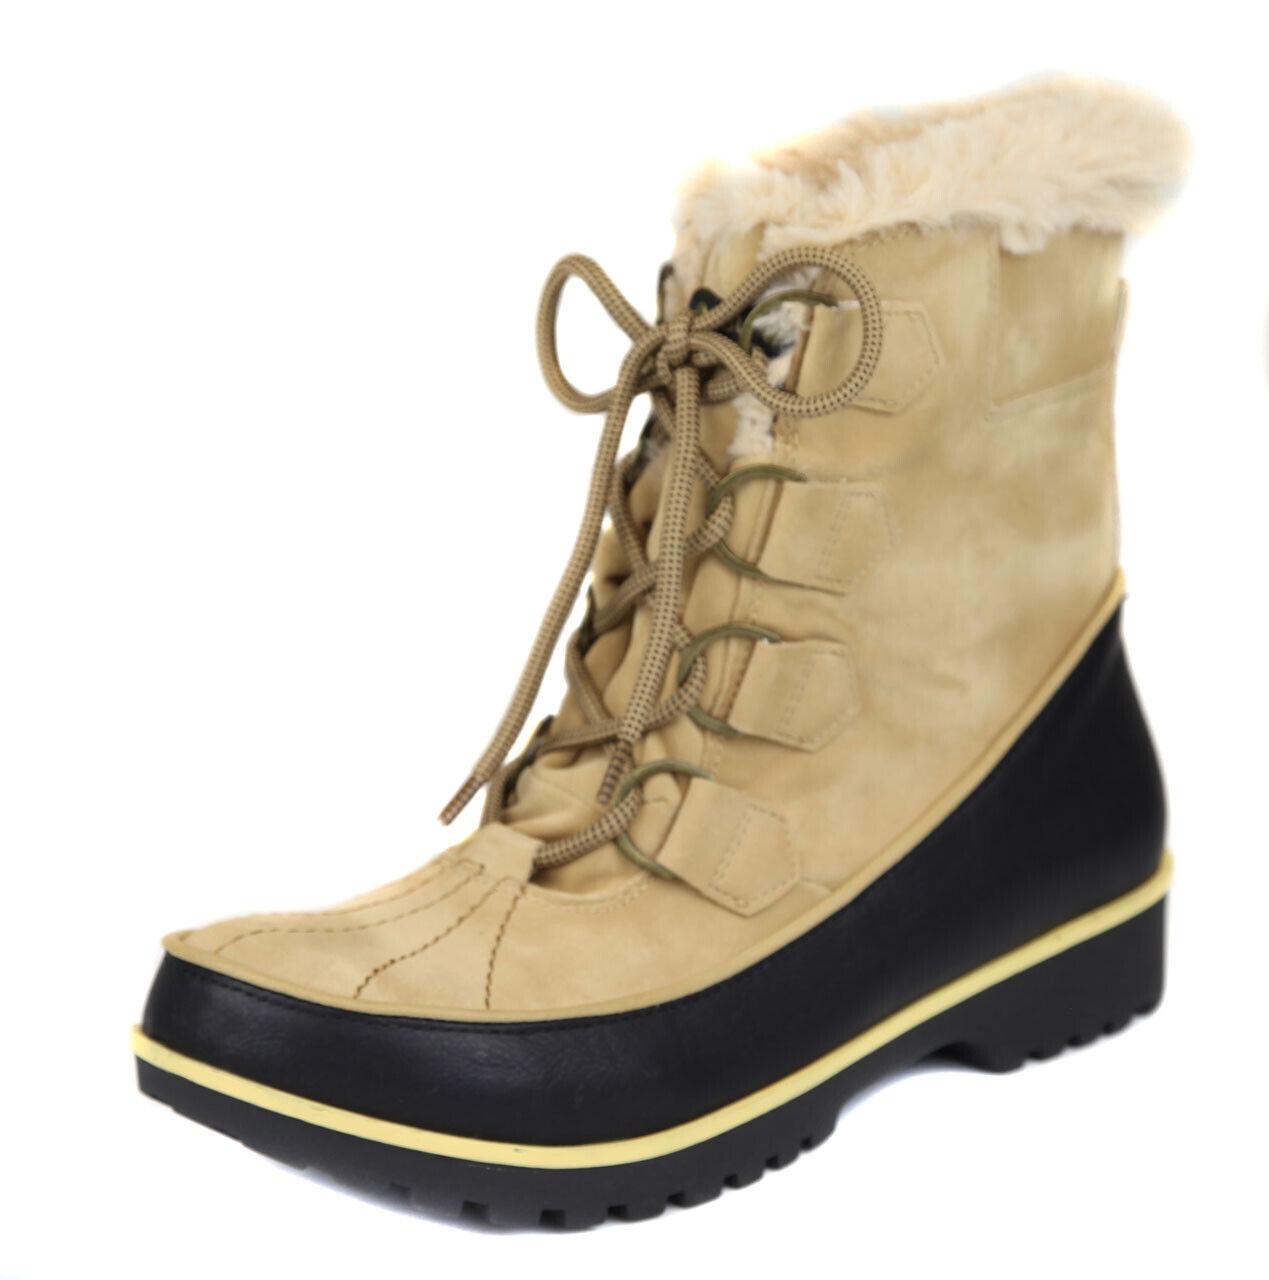 Jambu Para Mujeres Con Cordones Piel de bronceado negro mendocino Zapatos Bota Ret  Nuevo